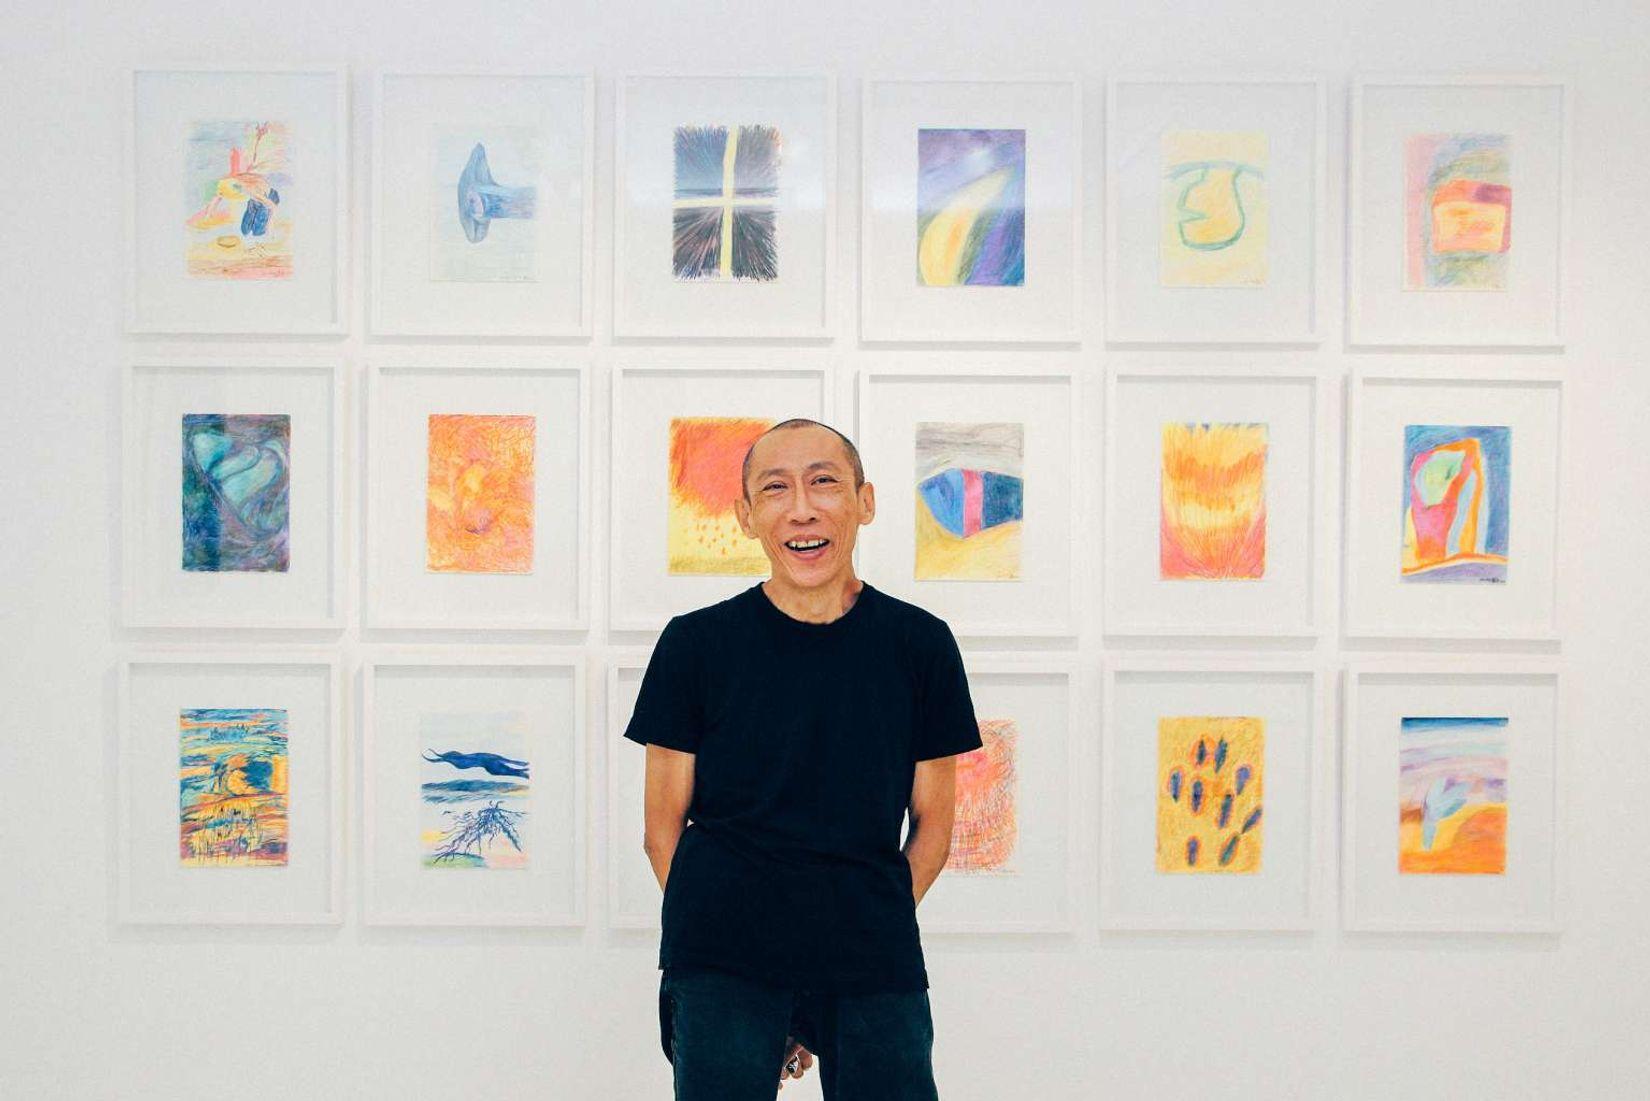 In Memory of Lee Wen (1957 - 2019)